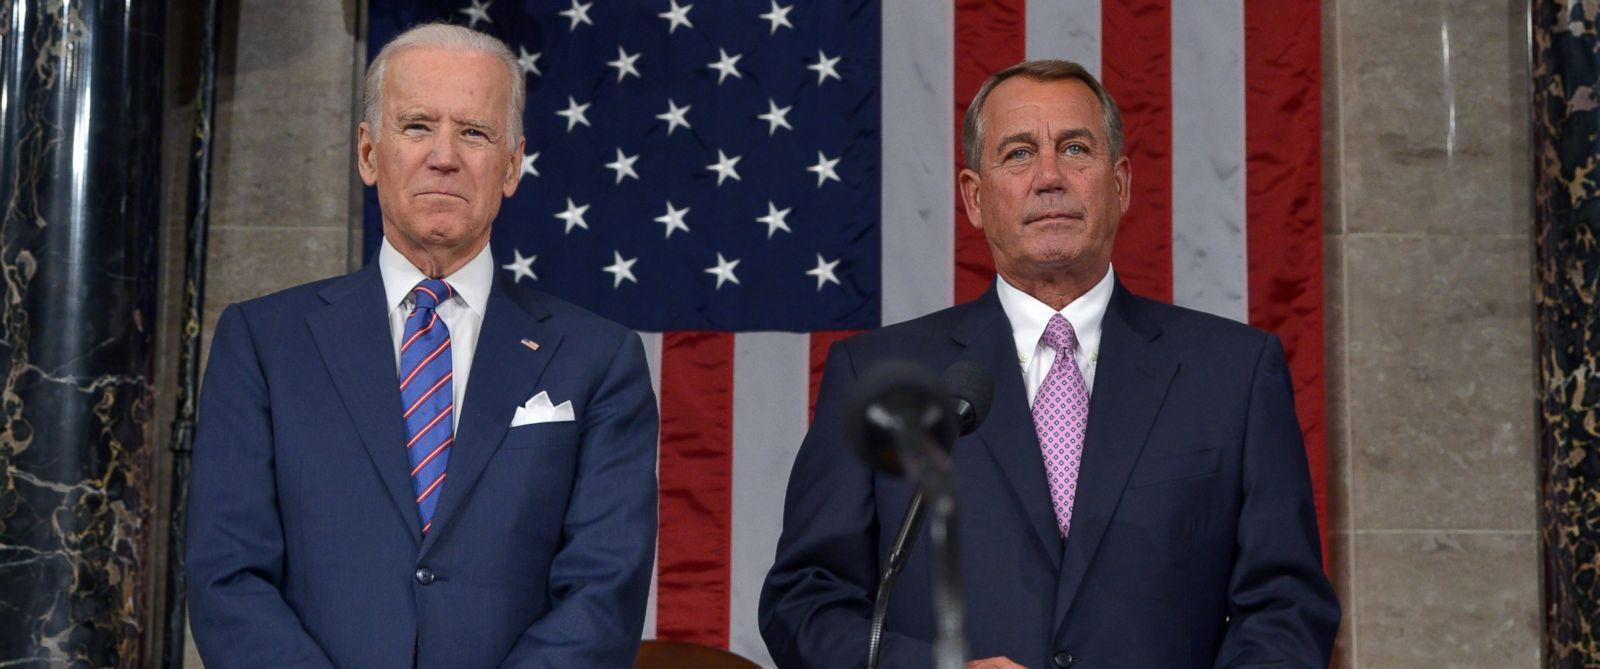 PHOTO: Vice President Joe Biden, left, and Speaker of the House John Boehner wait for the start of the State of the Union address by President Barack Obama, Jan. 20, 2015, in the House Chamber of the Capitol in Washington.